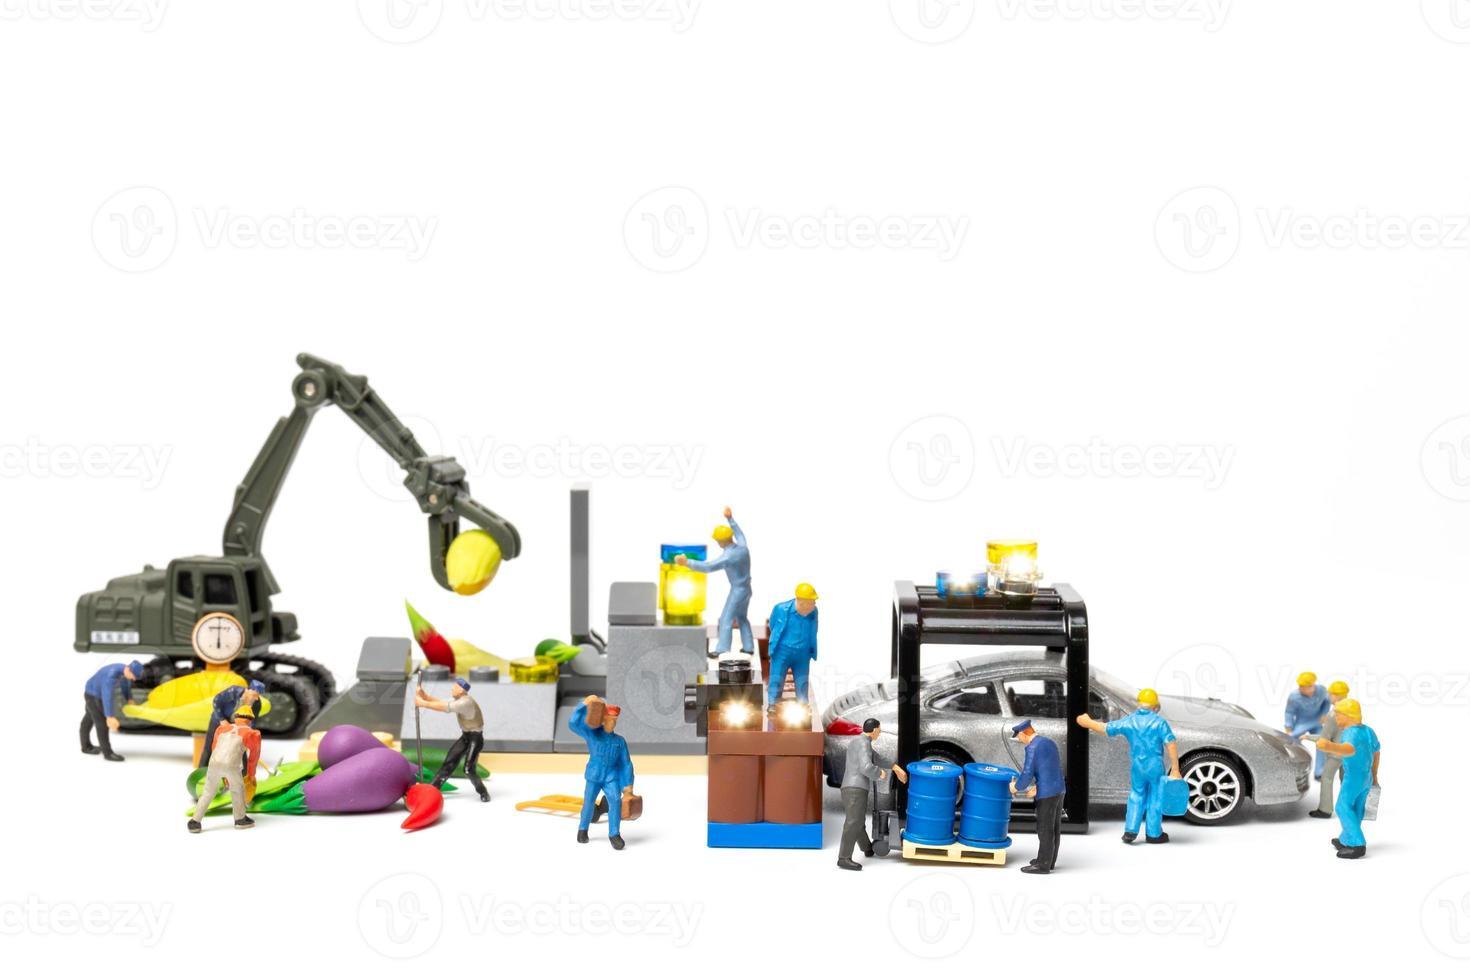 La gente en miniatura trabaja en la estación de bombeo de biocombustible foto